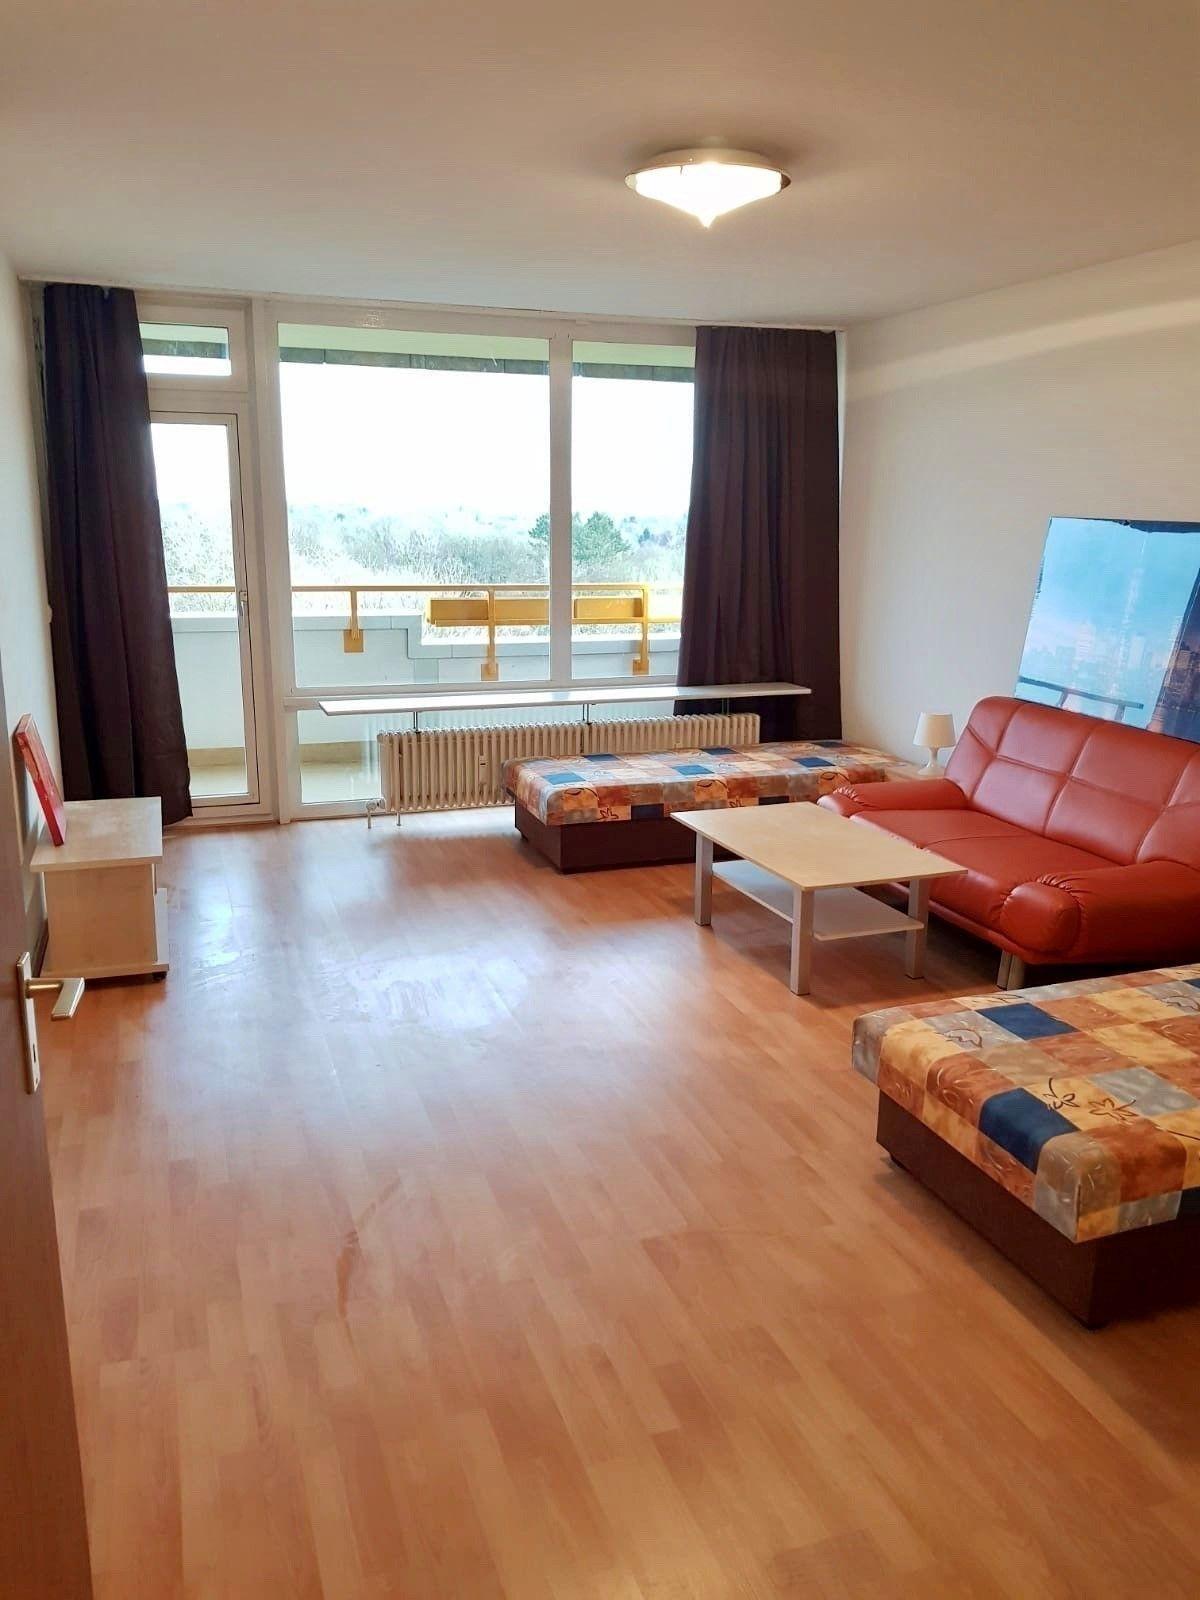 Holiday apartment Schöne Aussichten 1 (2729338), Hamburg, Wandsbek, Hamburg, Germany, picture 9